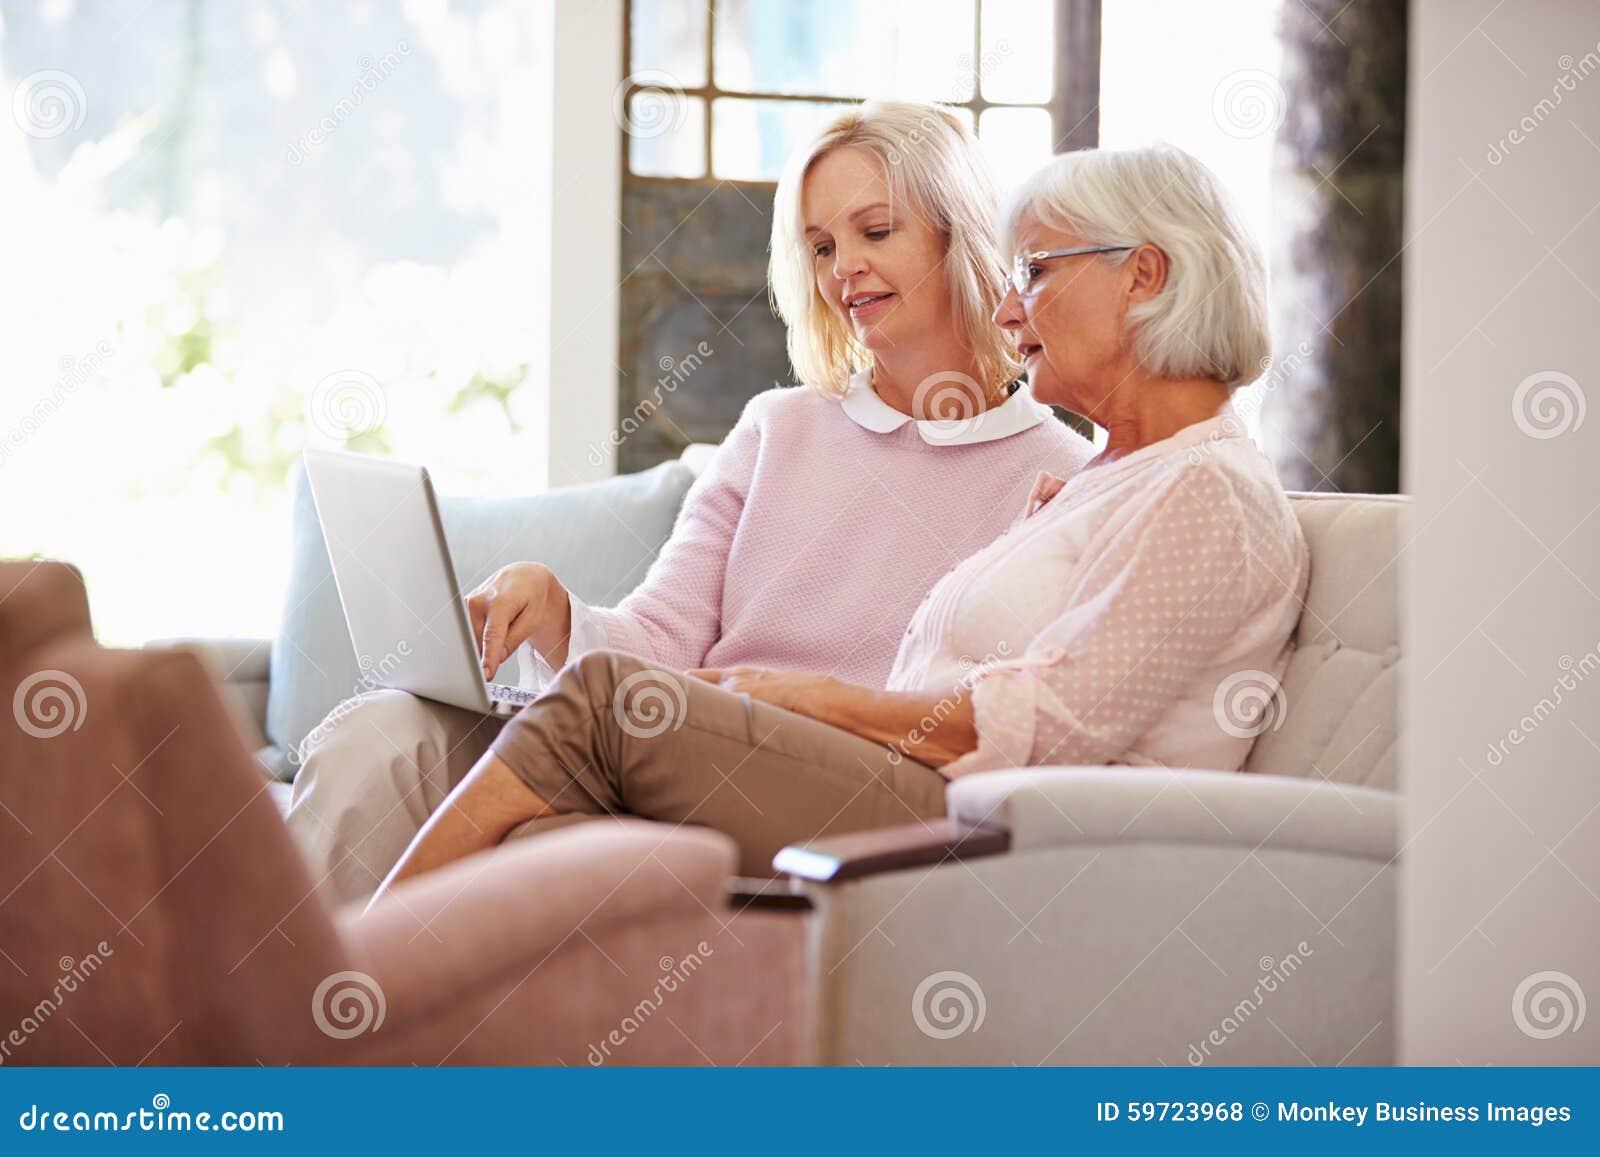 Hija adulta que ayuda a la madre mayor con el ordenador en casa